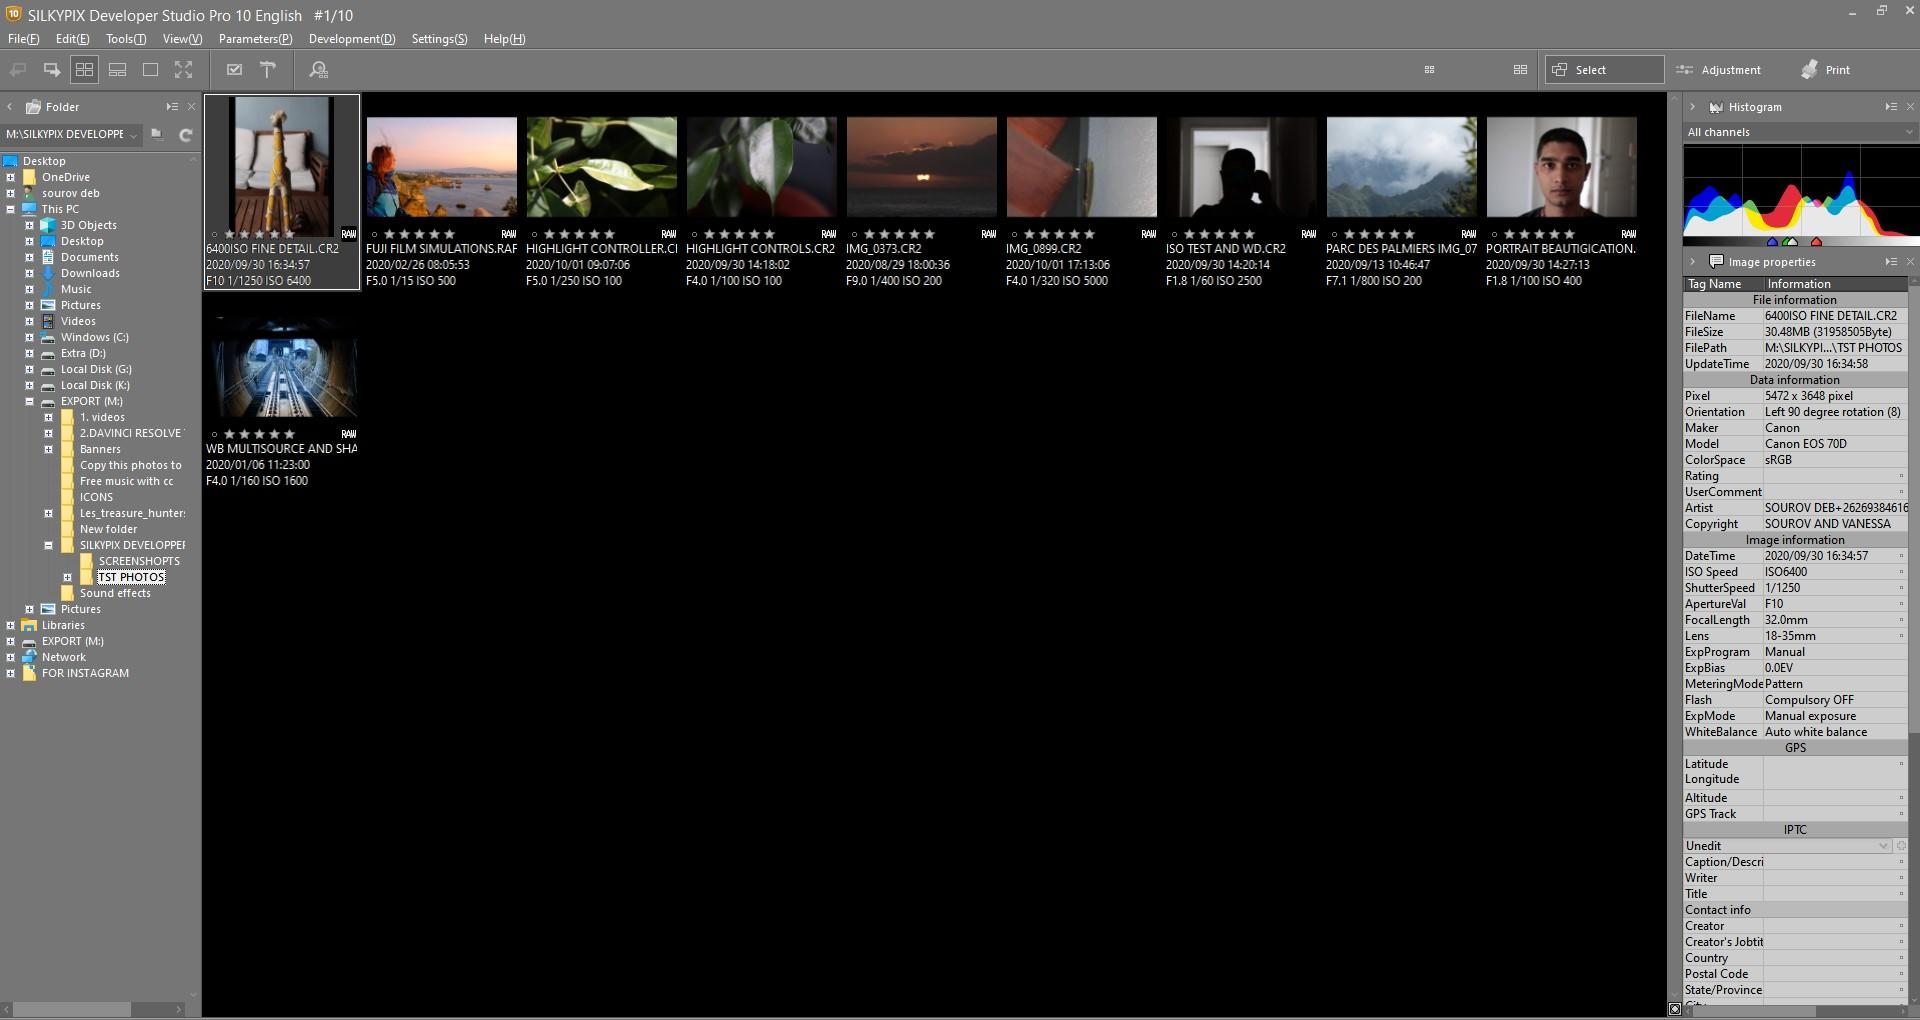 最高の写真編集ソフトウェアの名前はSilkypixDeveloper Studio Pro10です。